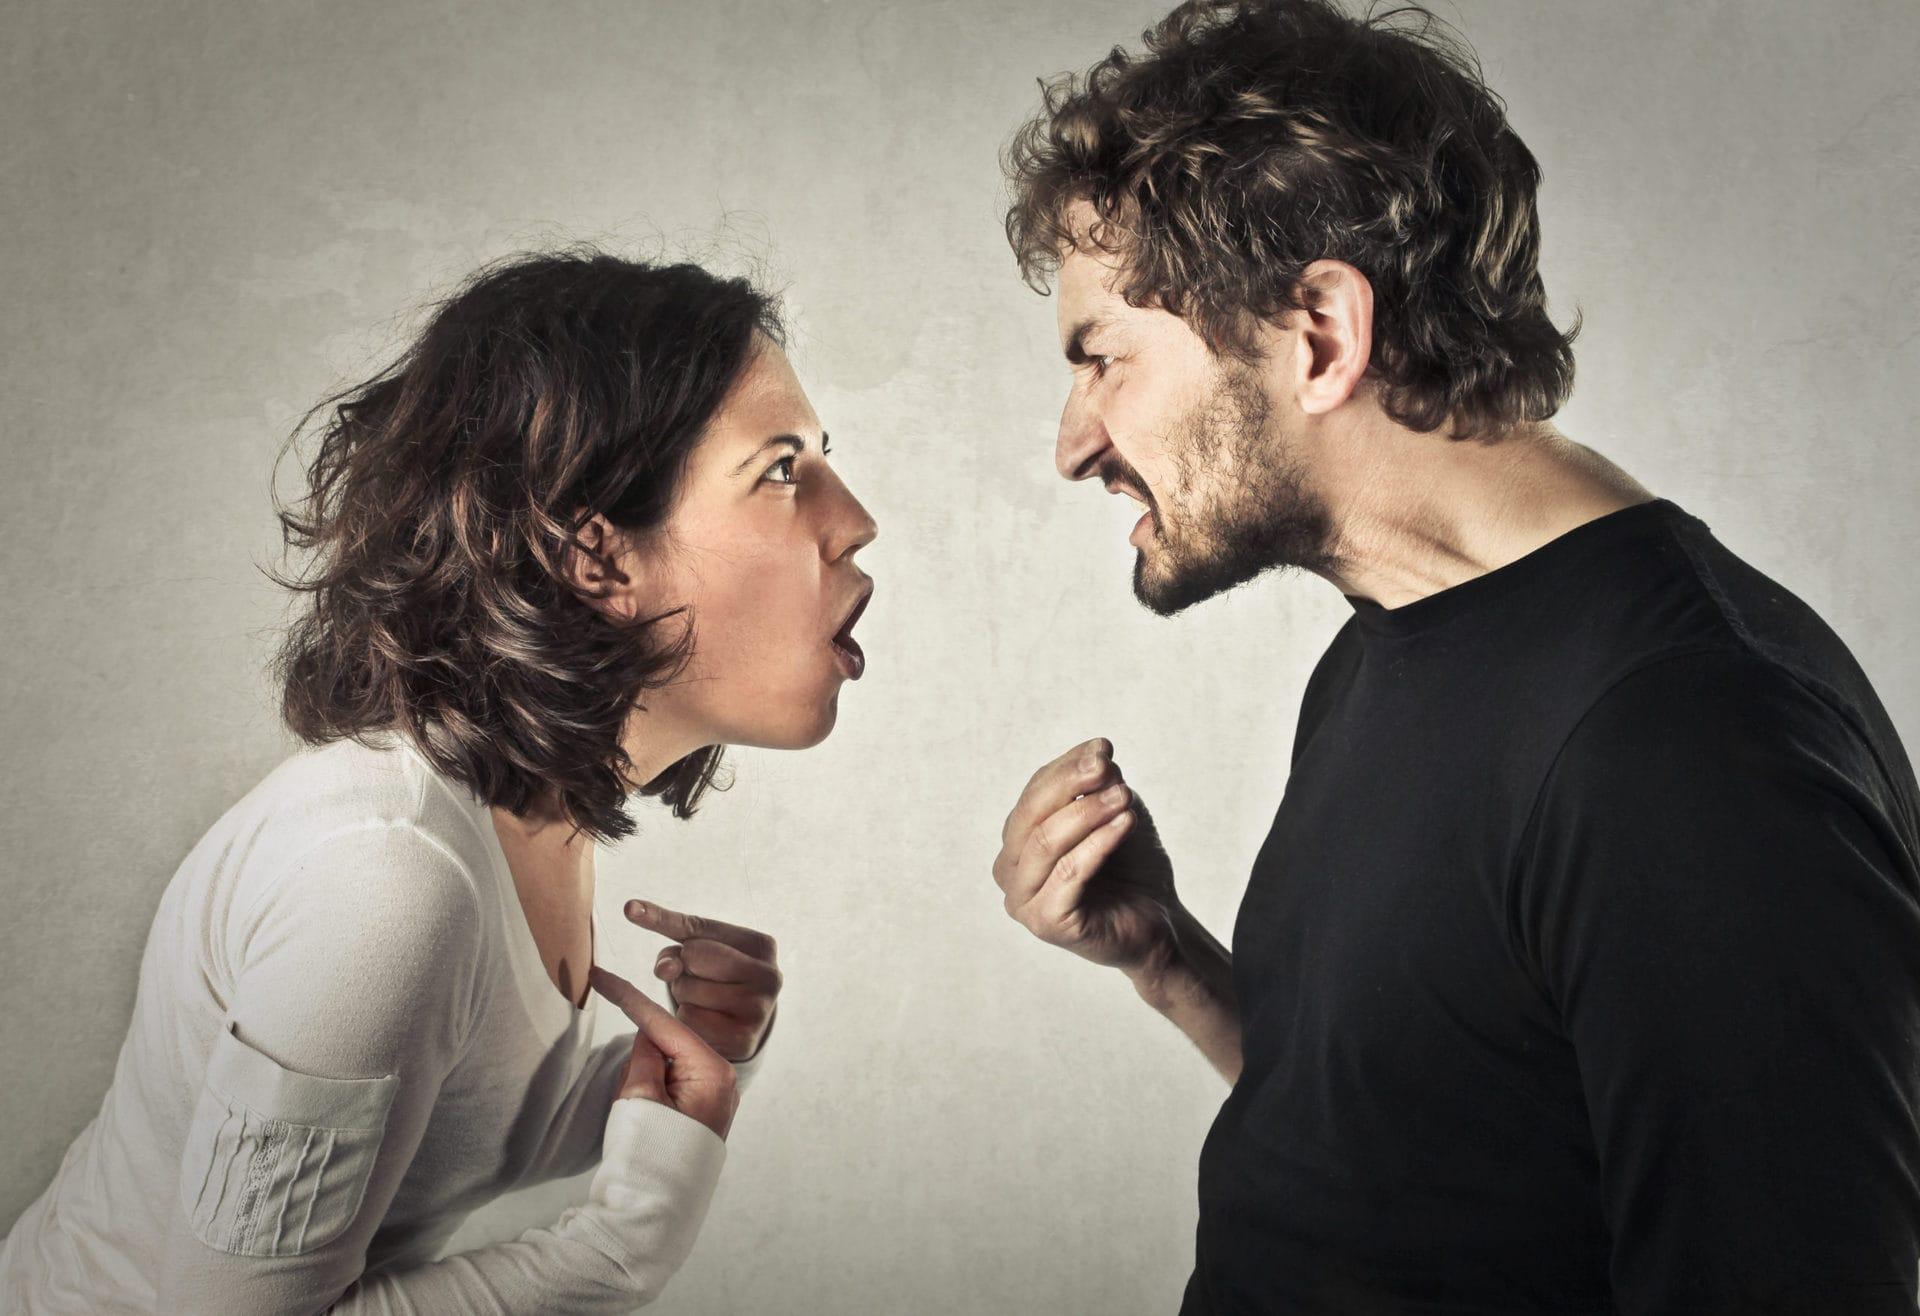 зеркальные отношения между мужчиной и женщиной